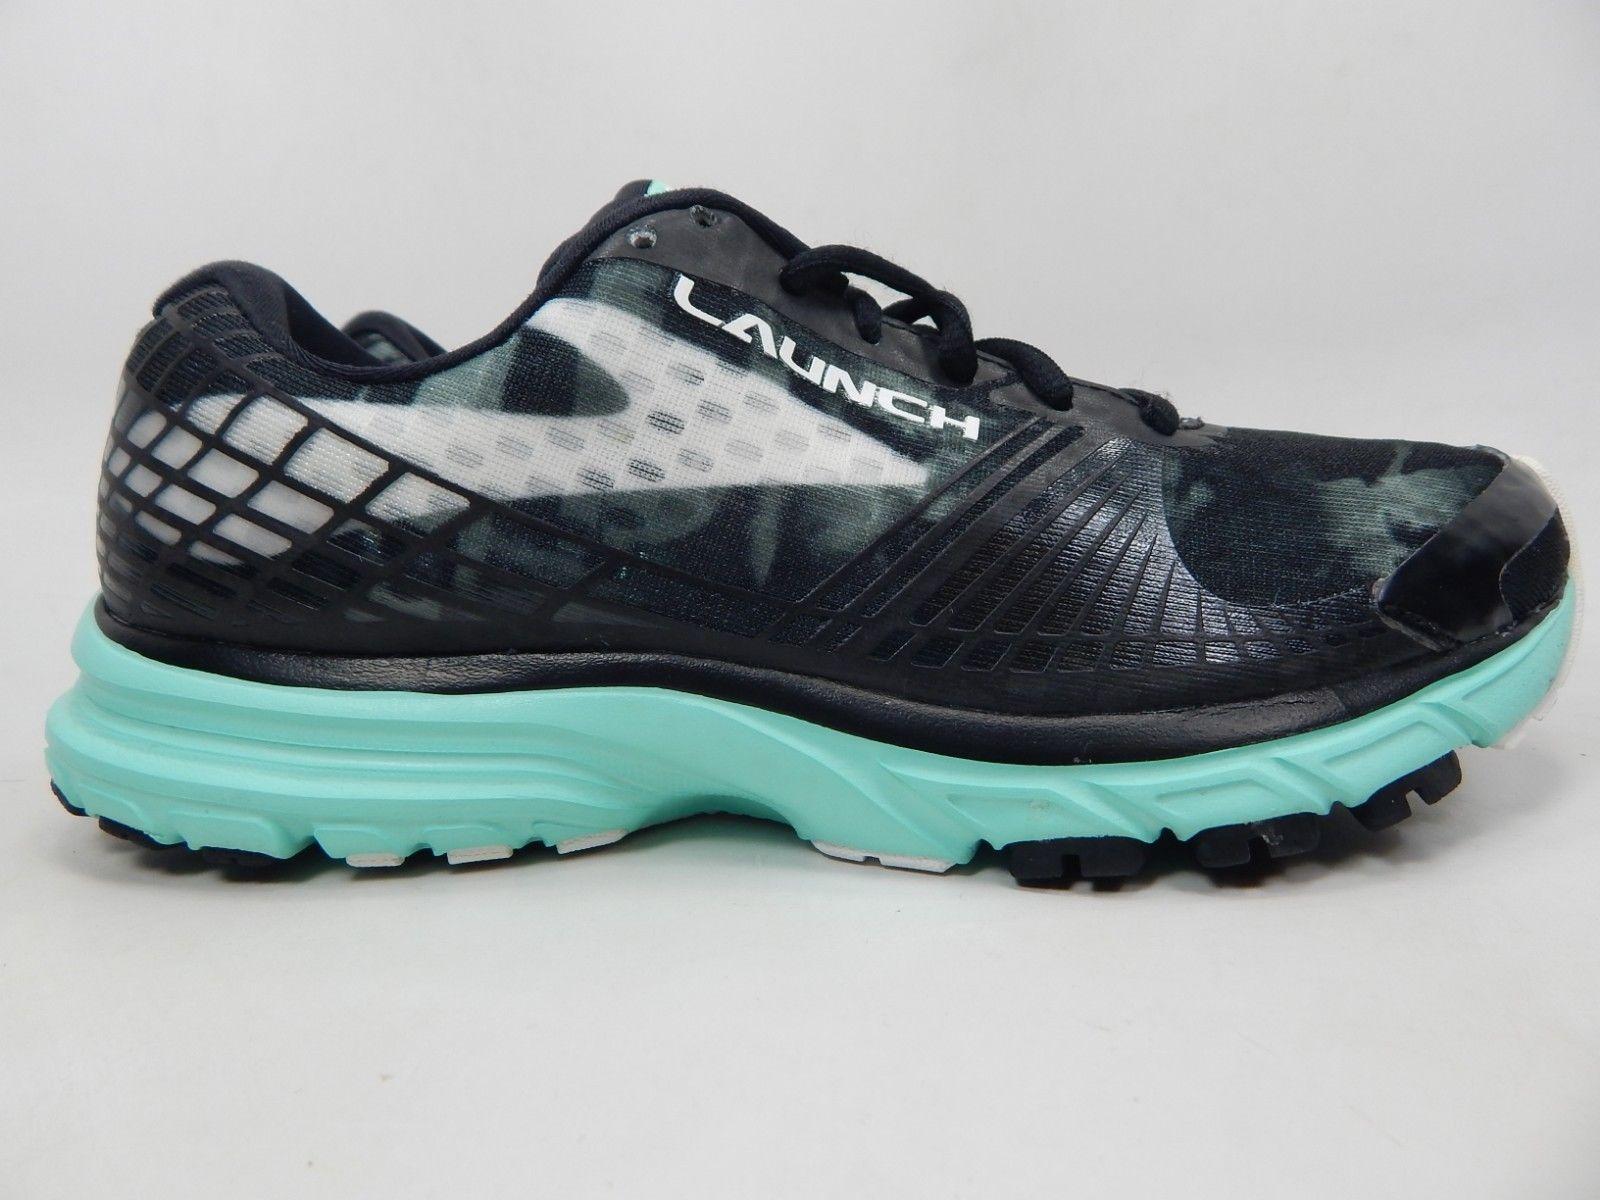 Brooks Launch 3 Size 6.5 M (B) EU 37.5 Women's Running Shoes Black 1202061B071